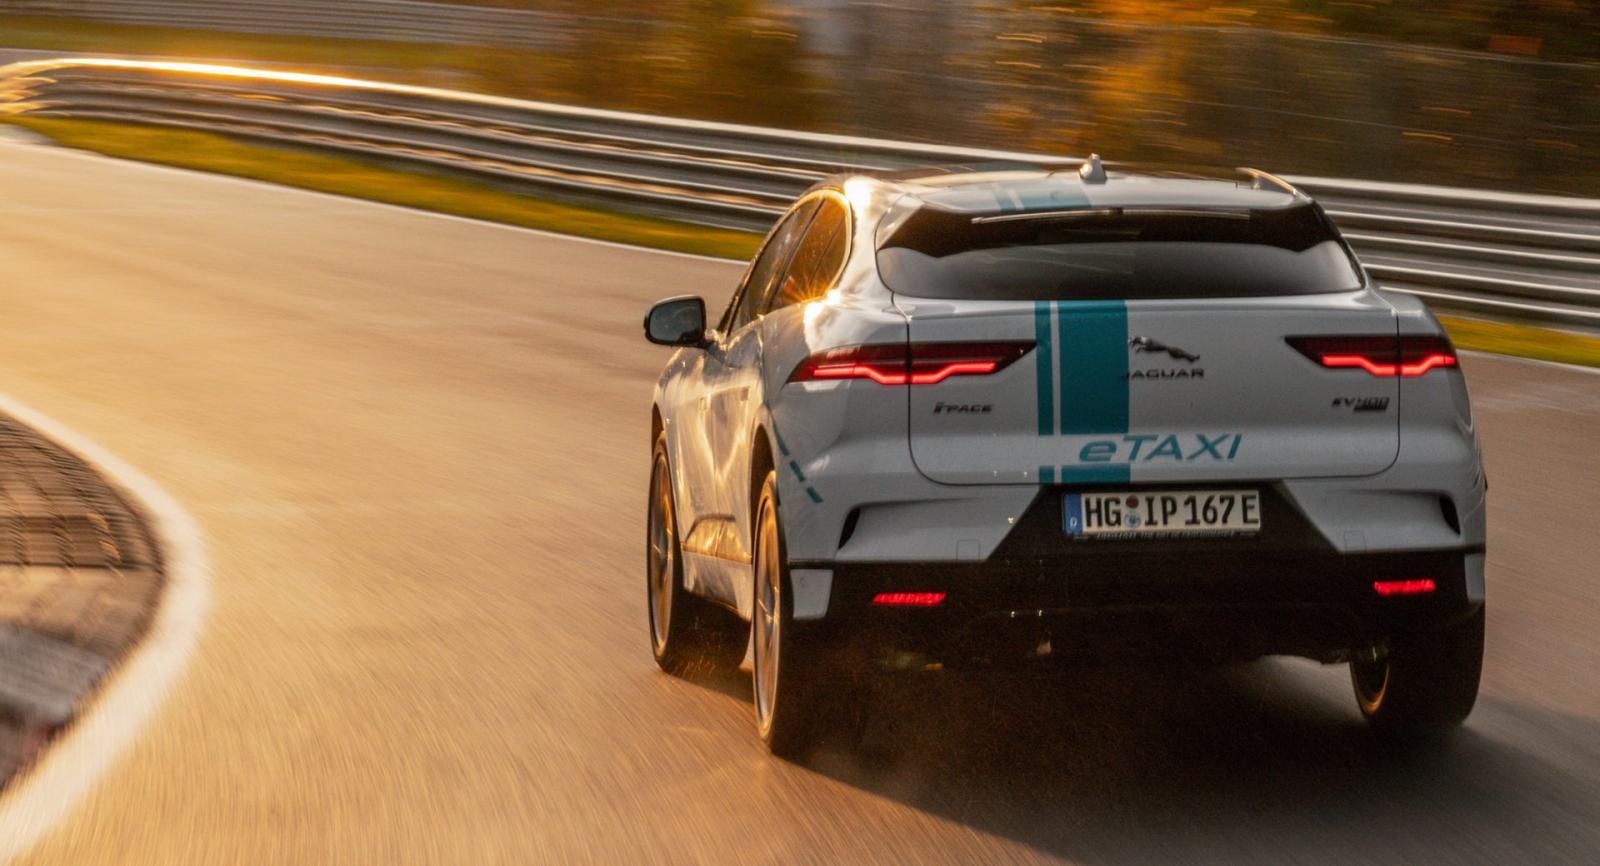 Jaguar I-Pace Race Taxi